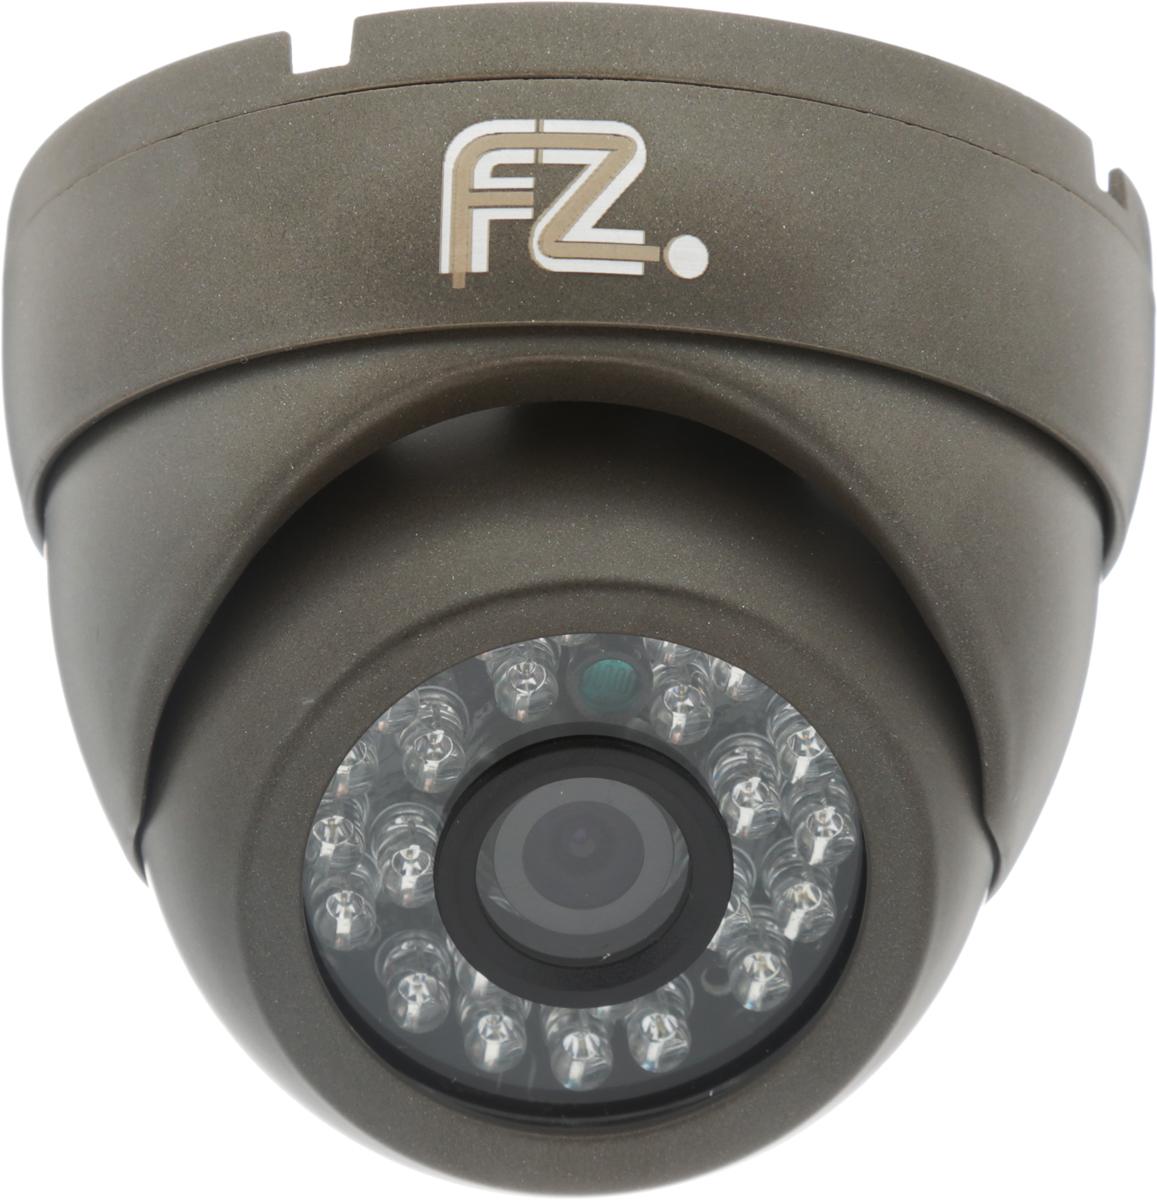 Fazera FZ-DIR24-720 камера видеонаблюденияFZ-DIR24-720Благодаря наличию инфракрасной подсветки дальностью 20 метров, и надежной защитой от атмосферных воздействий в широком диапазоне температур, камера видеонаблюдения Fazera FZ-DIR24-720 может эксплуатироваться на таких объектах, как уличные паркинги, складские помещения, отели, жилые дома и т.д.В основе камеры матрица 1/4 CMOS OmniVision OV9712 и процессор HiSilicon HI3518E благодаря чему уличная IP-камера Fazera FZ-DIR24-720 формирует изображение с разрешением до 1280x720 пикселей, с качественной цветопередачей и повышенной контрастностью, что позволяет использовать видеокамеру на объектах с высокими требованиями к качеству видеосигнала, и в системах с видеоаналитикой.Матрица: 1/4 CMOS OmniVision OV9712Процессор: HiSilicon HI3518EМеханический ИК-фильтр с автопереключениемНастройки яркости, контраста, насыщенности через клиентское ПО или веб браузер